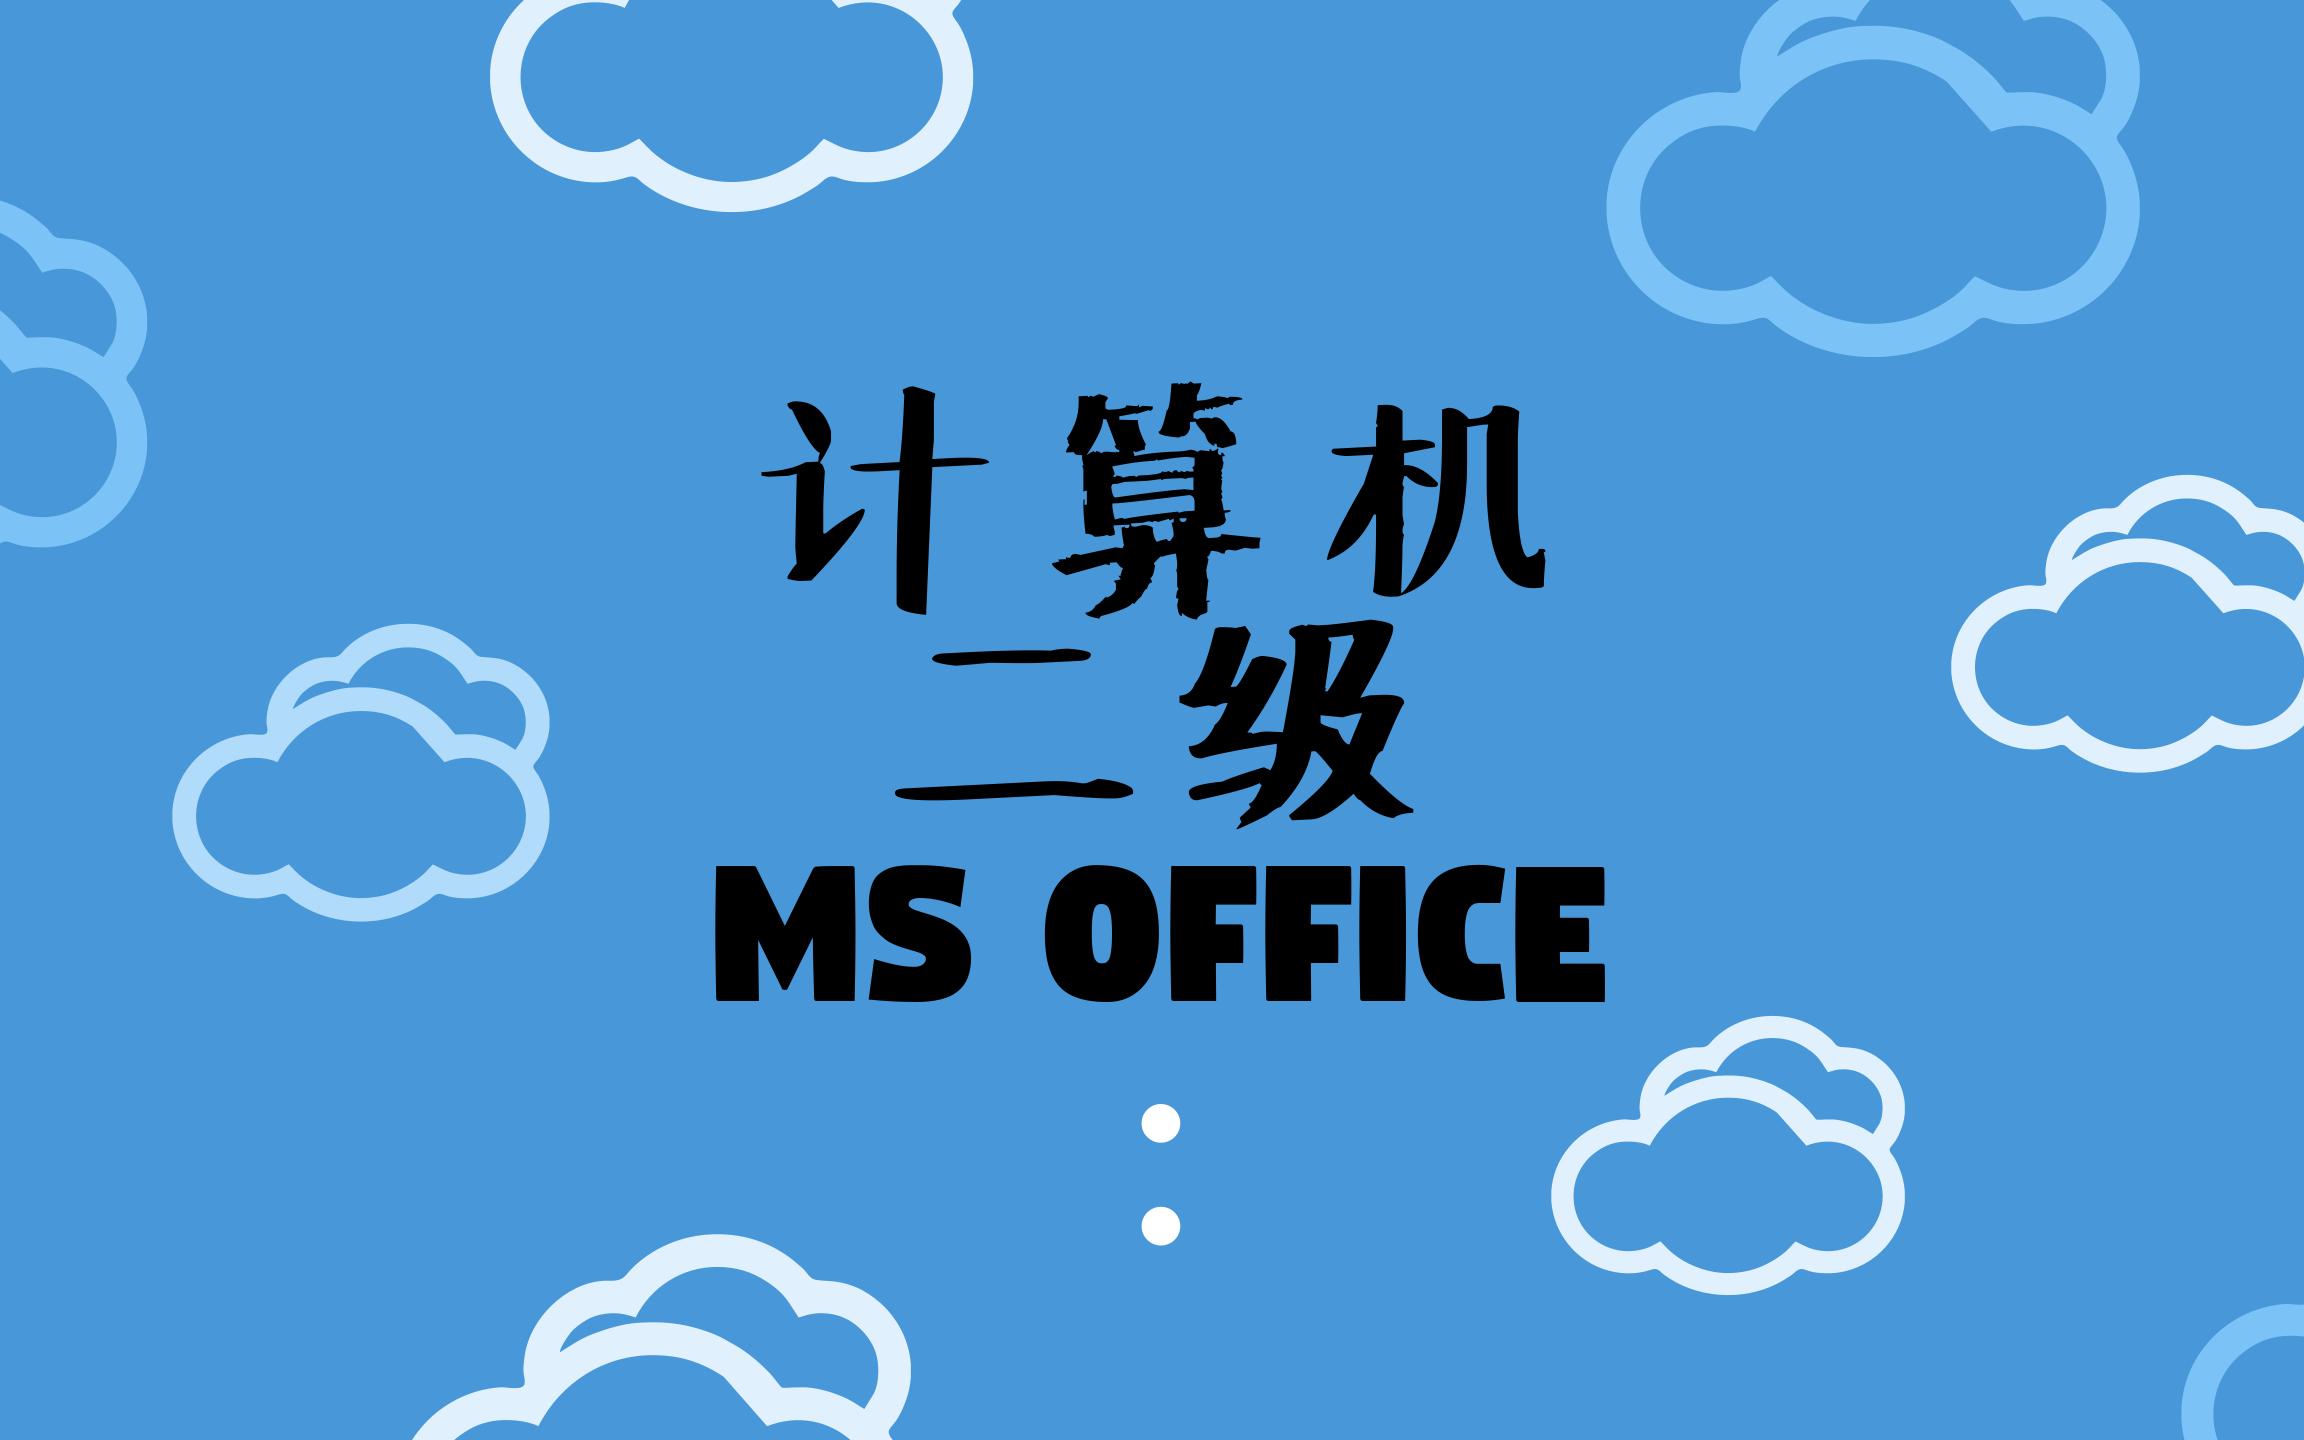 计算机二级ms office和wps office的区别